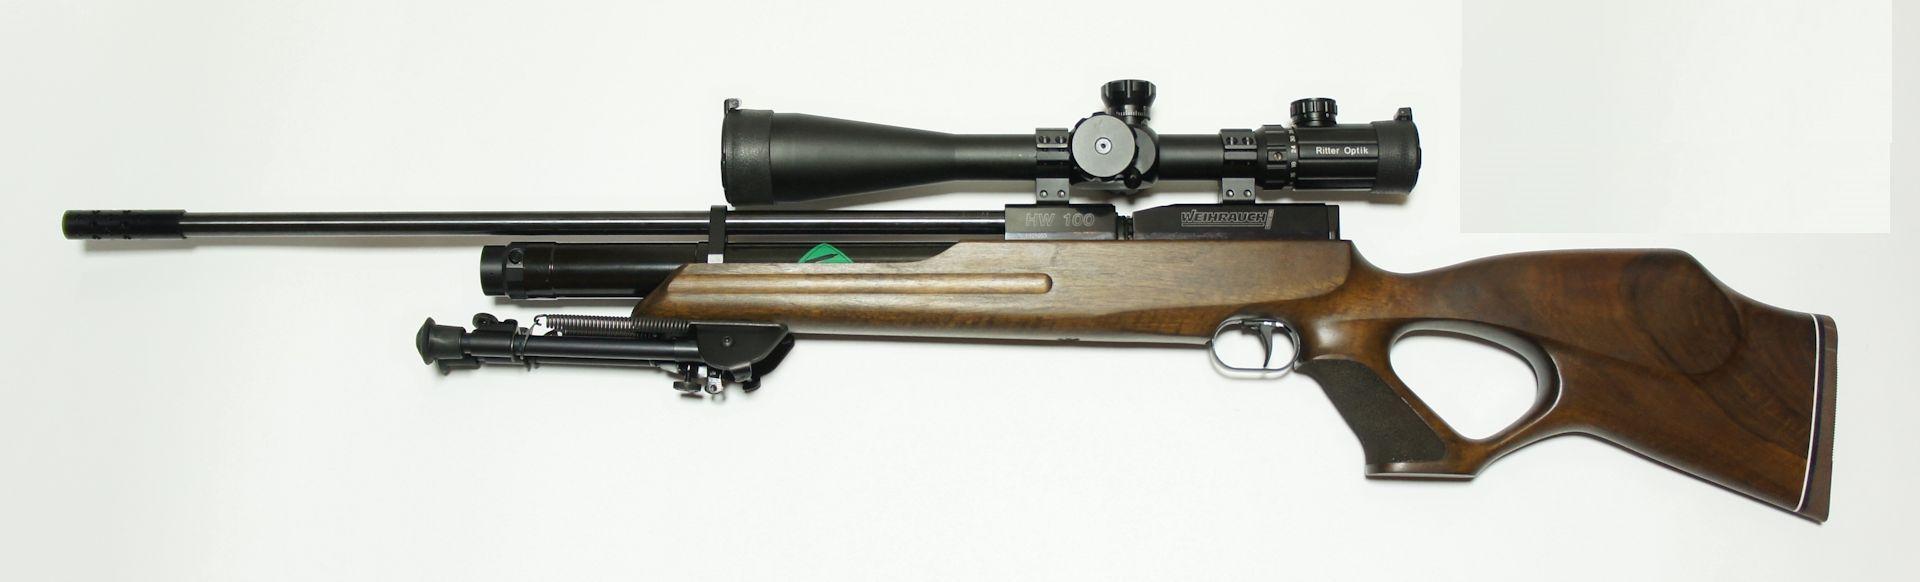 Weihrauch HW100 T FAC sniper mit Zweibein und Zielfernrohr AIRMAX 30 SF Compact Modell 6-24x50 SF